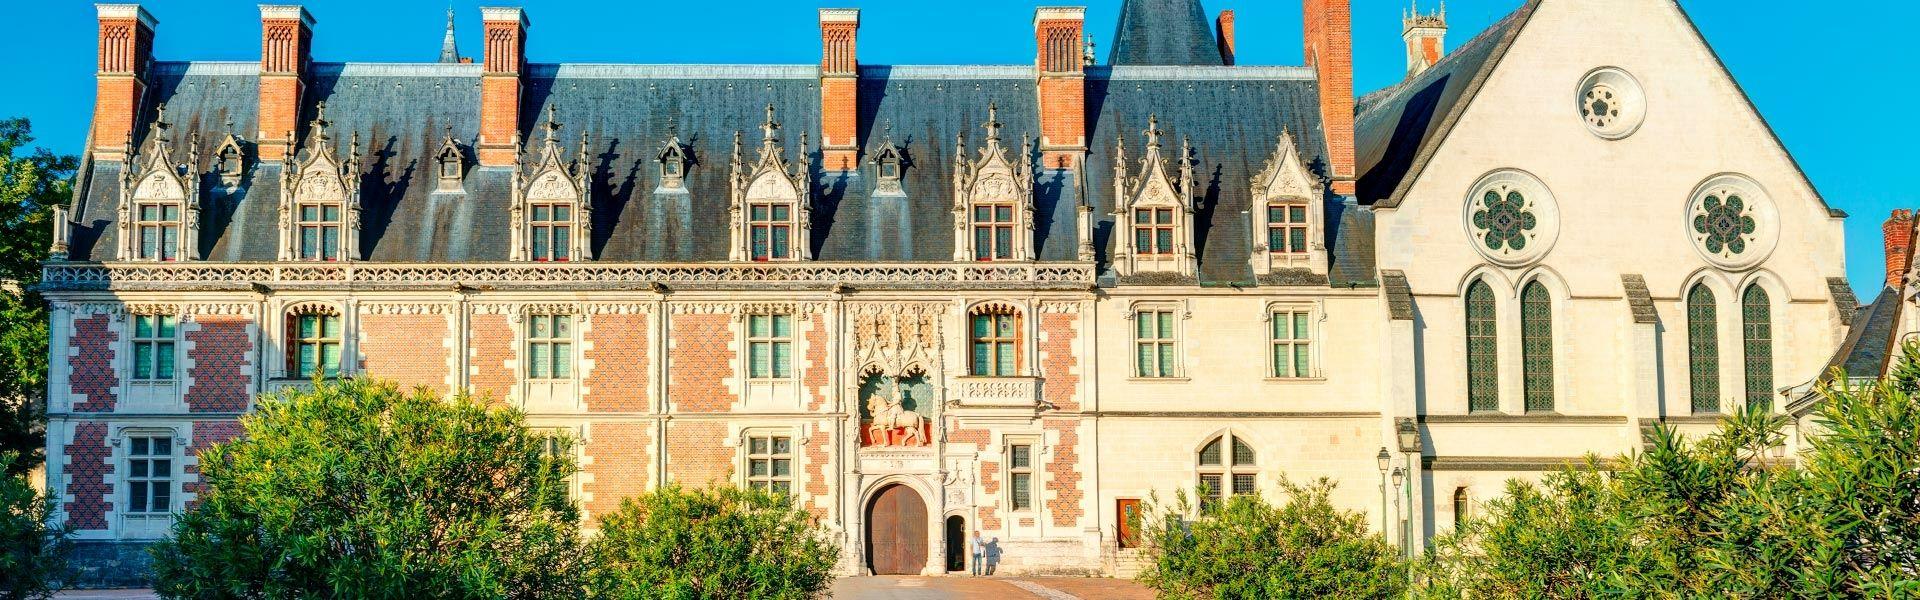 Camping Château royal de Blois